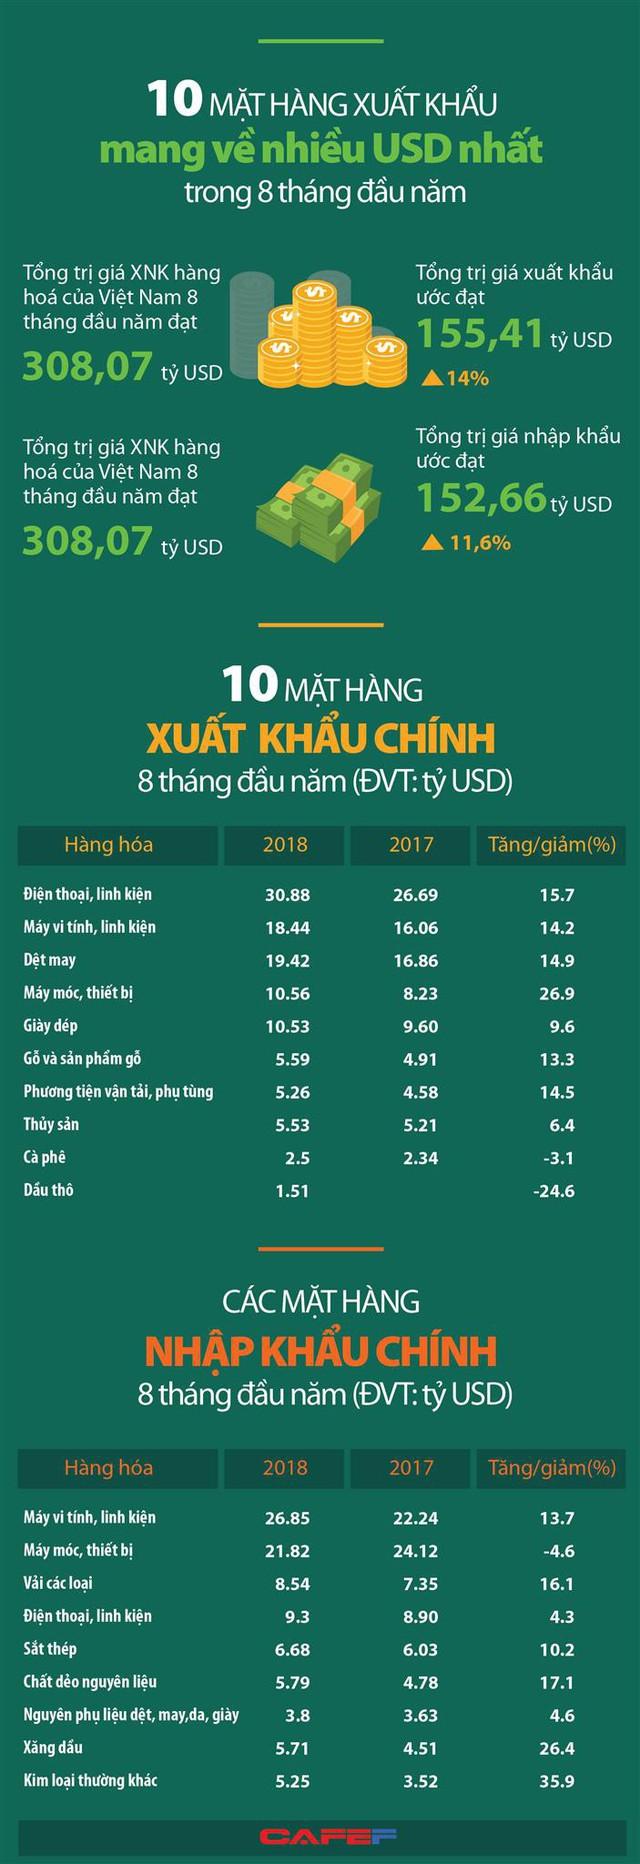 10 mặt hàng xuất khẩu mang về nhiều USD nhất trong 8 tháng đầu năm - Ảnh 1.